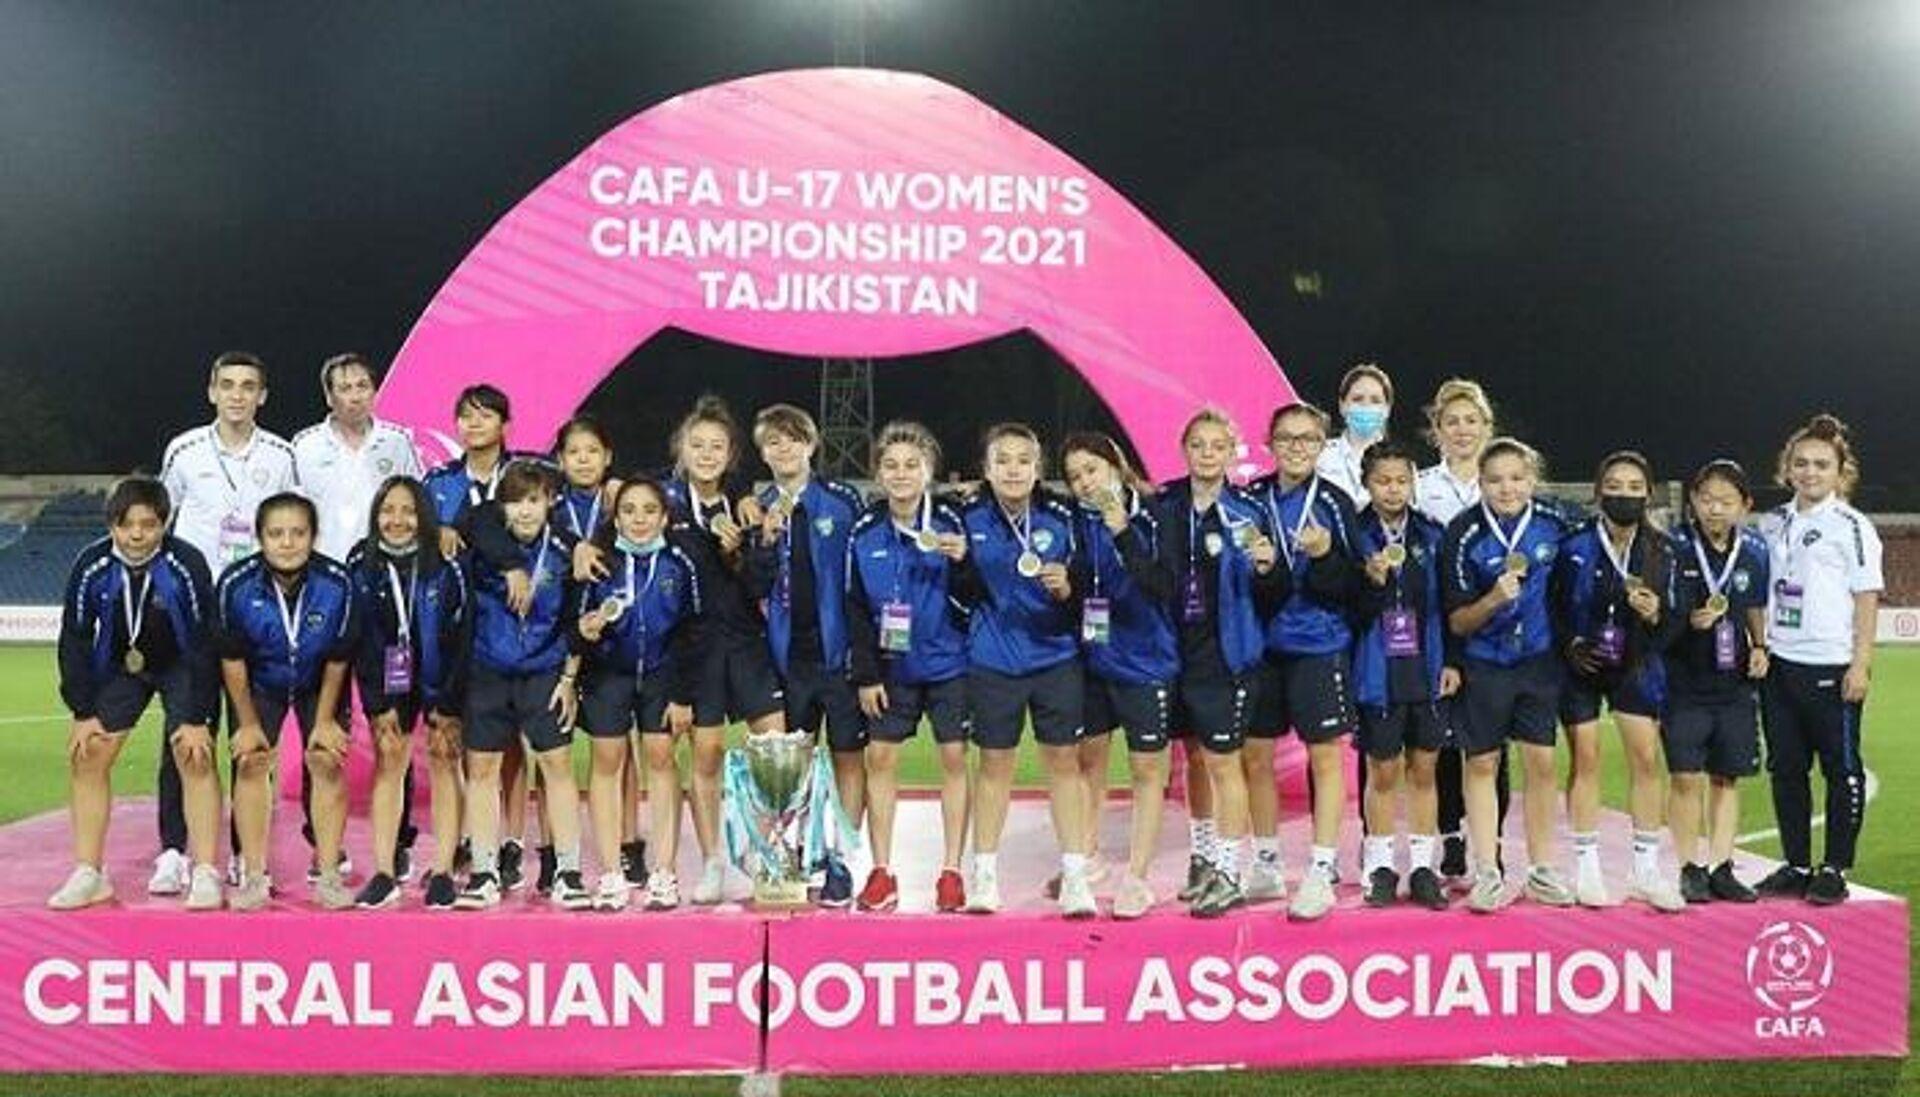 Юниорская сборная Узбекистана среди девушек до 17 лет победила в чемпионате Центрально-Азиатской футбольной ассоциации (CAFA-2021) - Sputnik Узбекистан, 1920, 08.07.2021